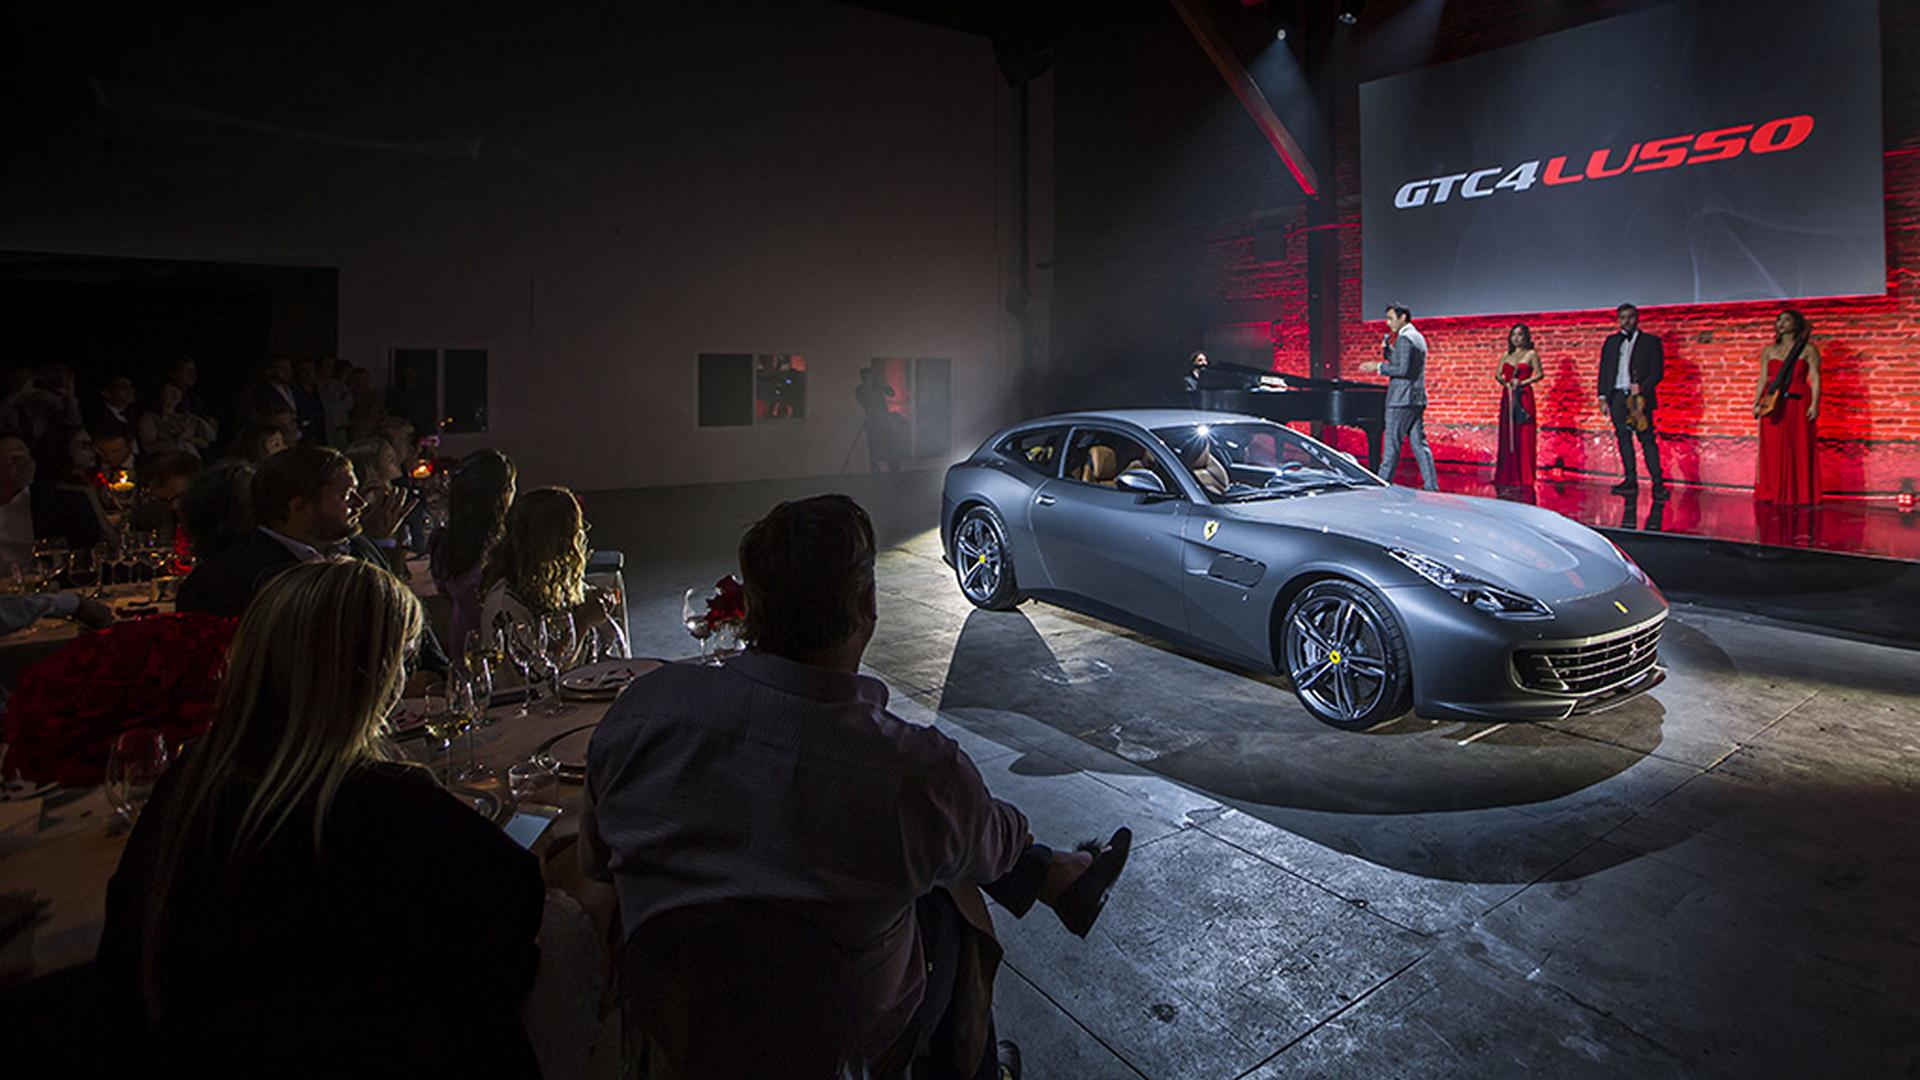 Ferrari GTC4Lusso © Fiat Chrysler Automobiles N.V.